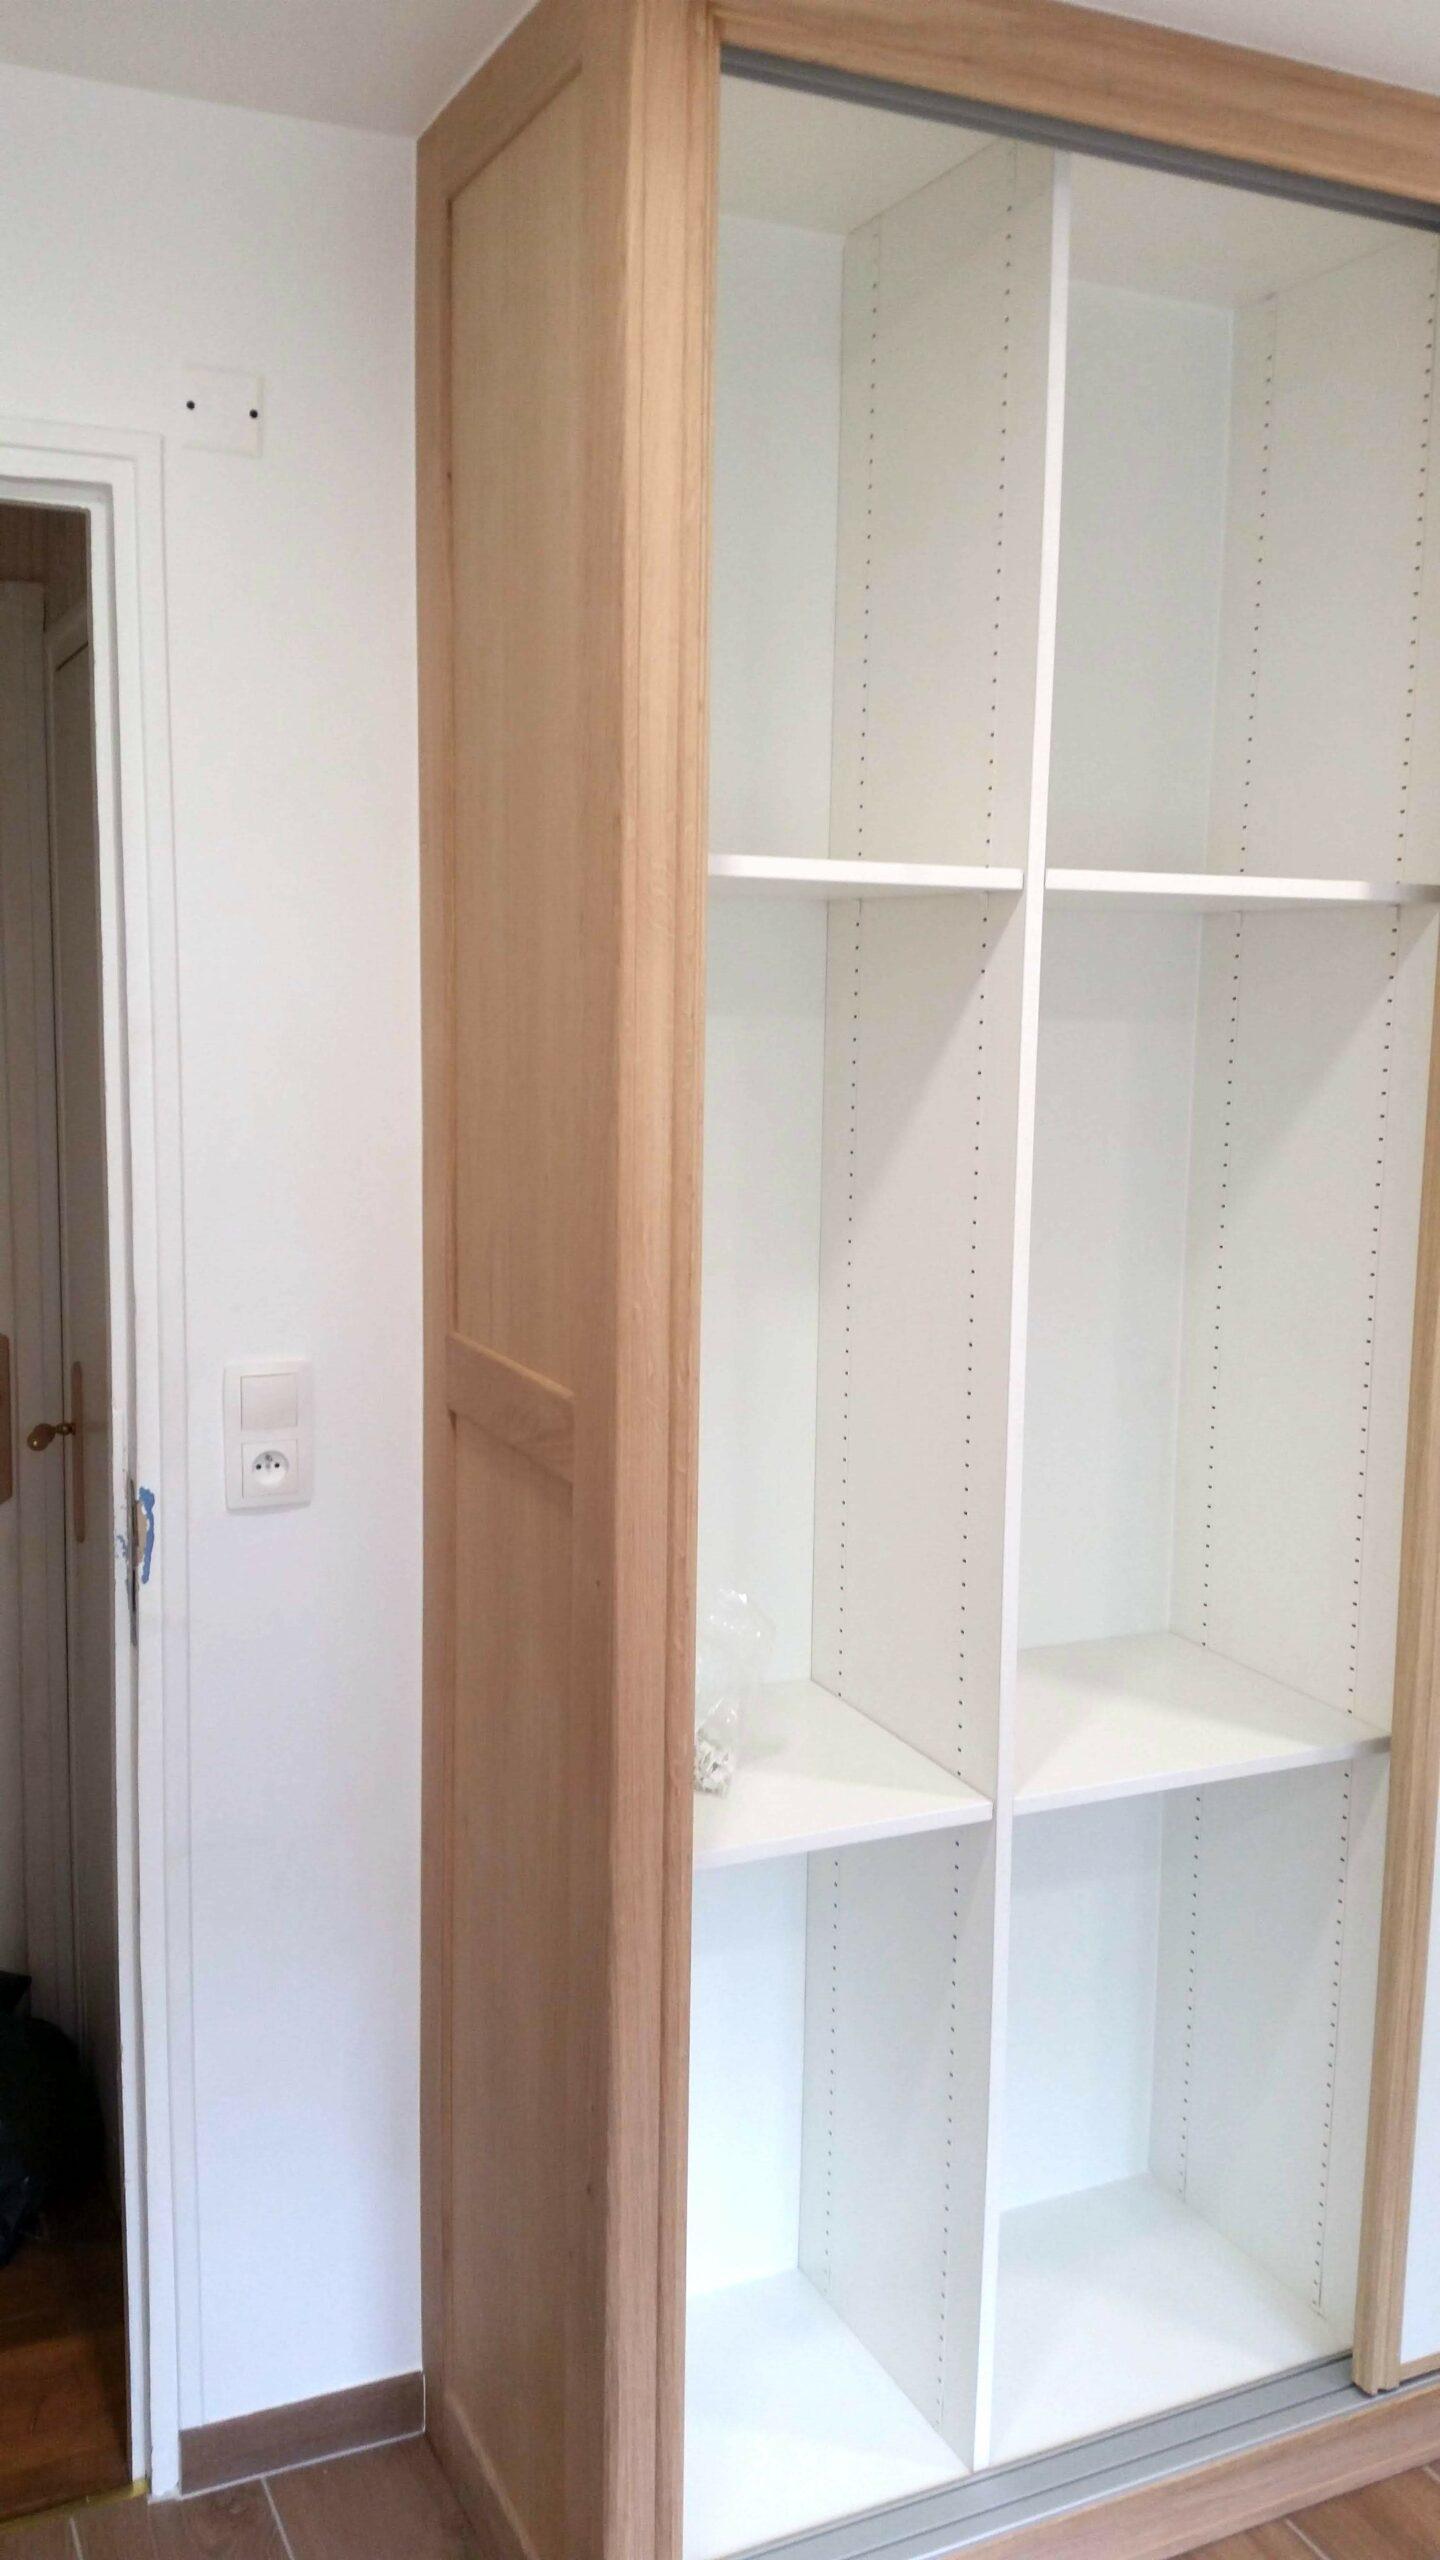 Fabrication et pose d'un placard dans une salle de bain image_3